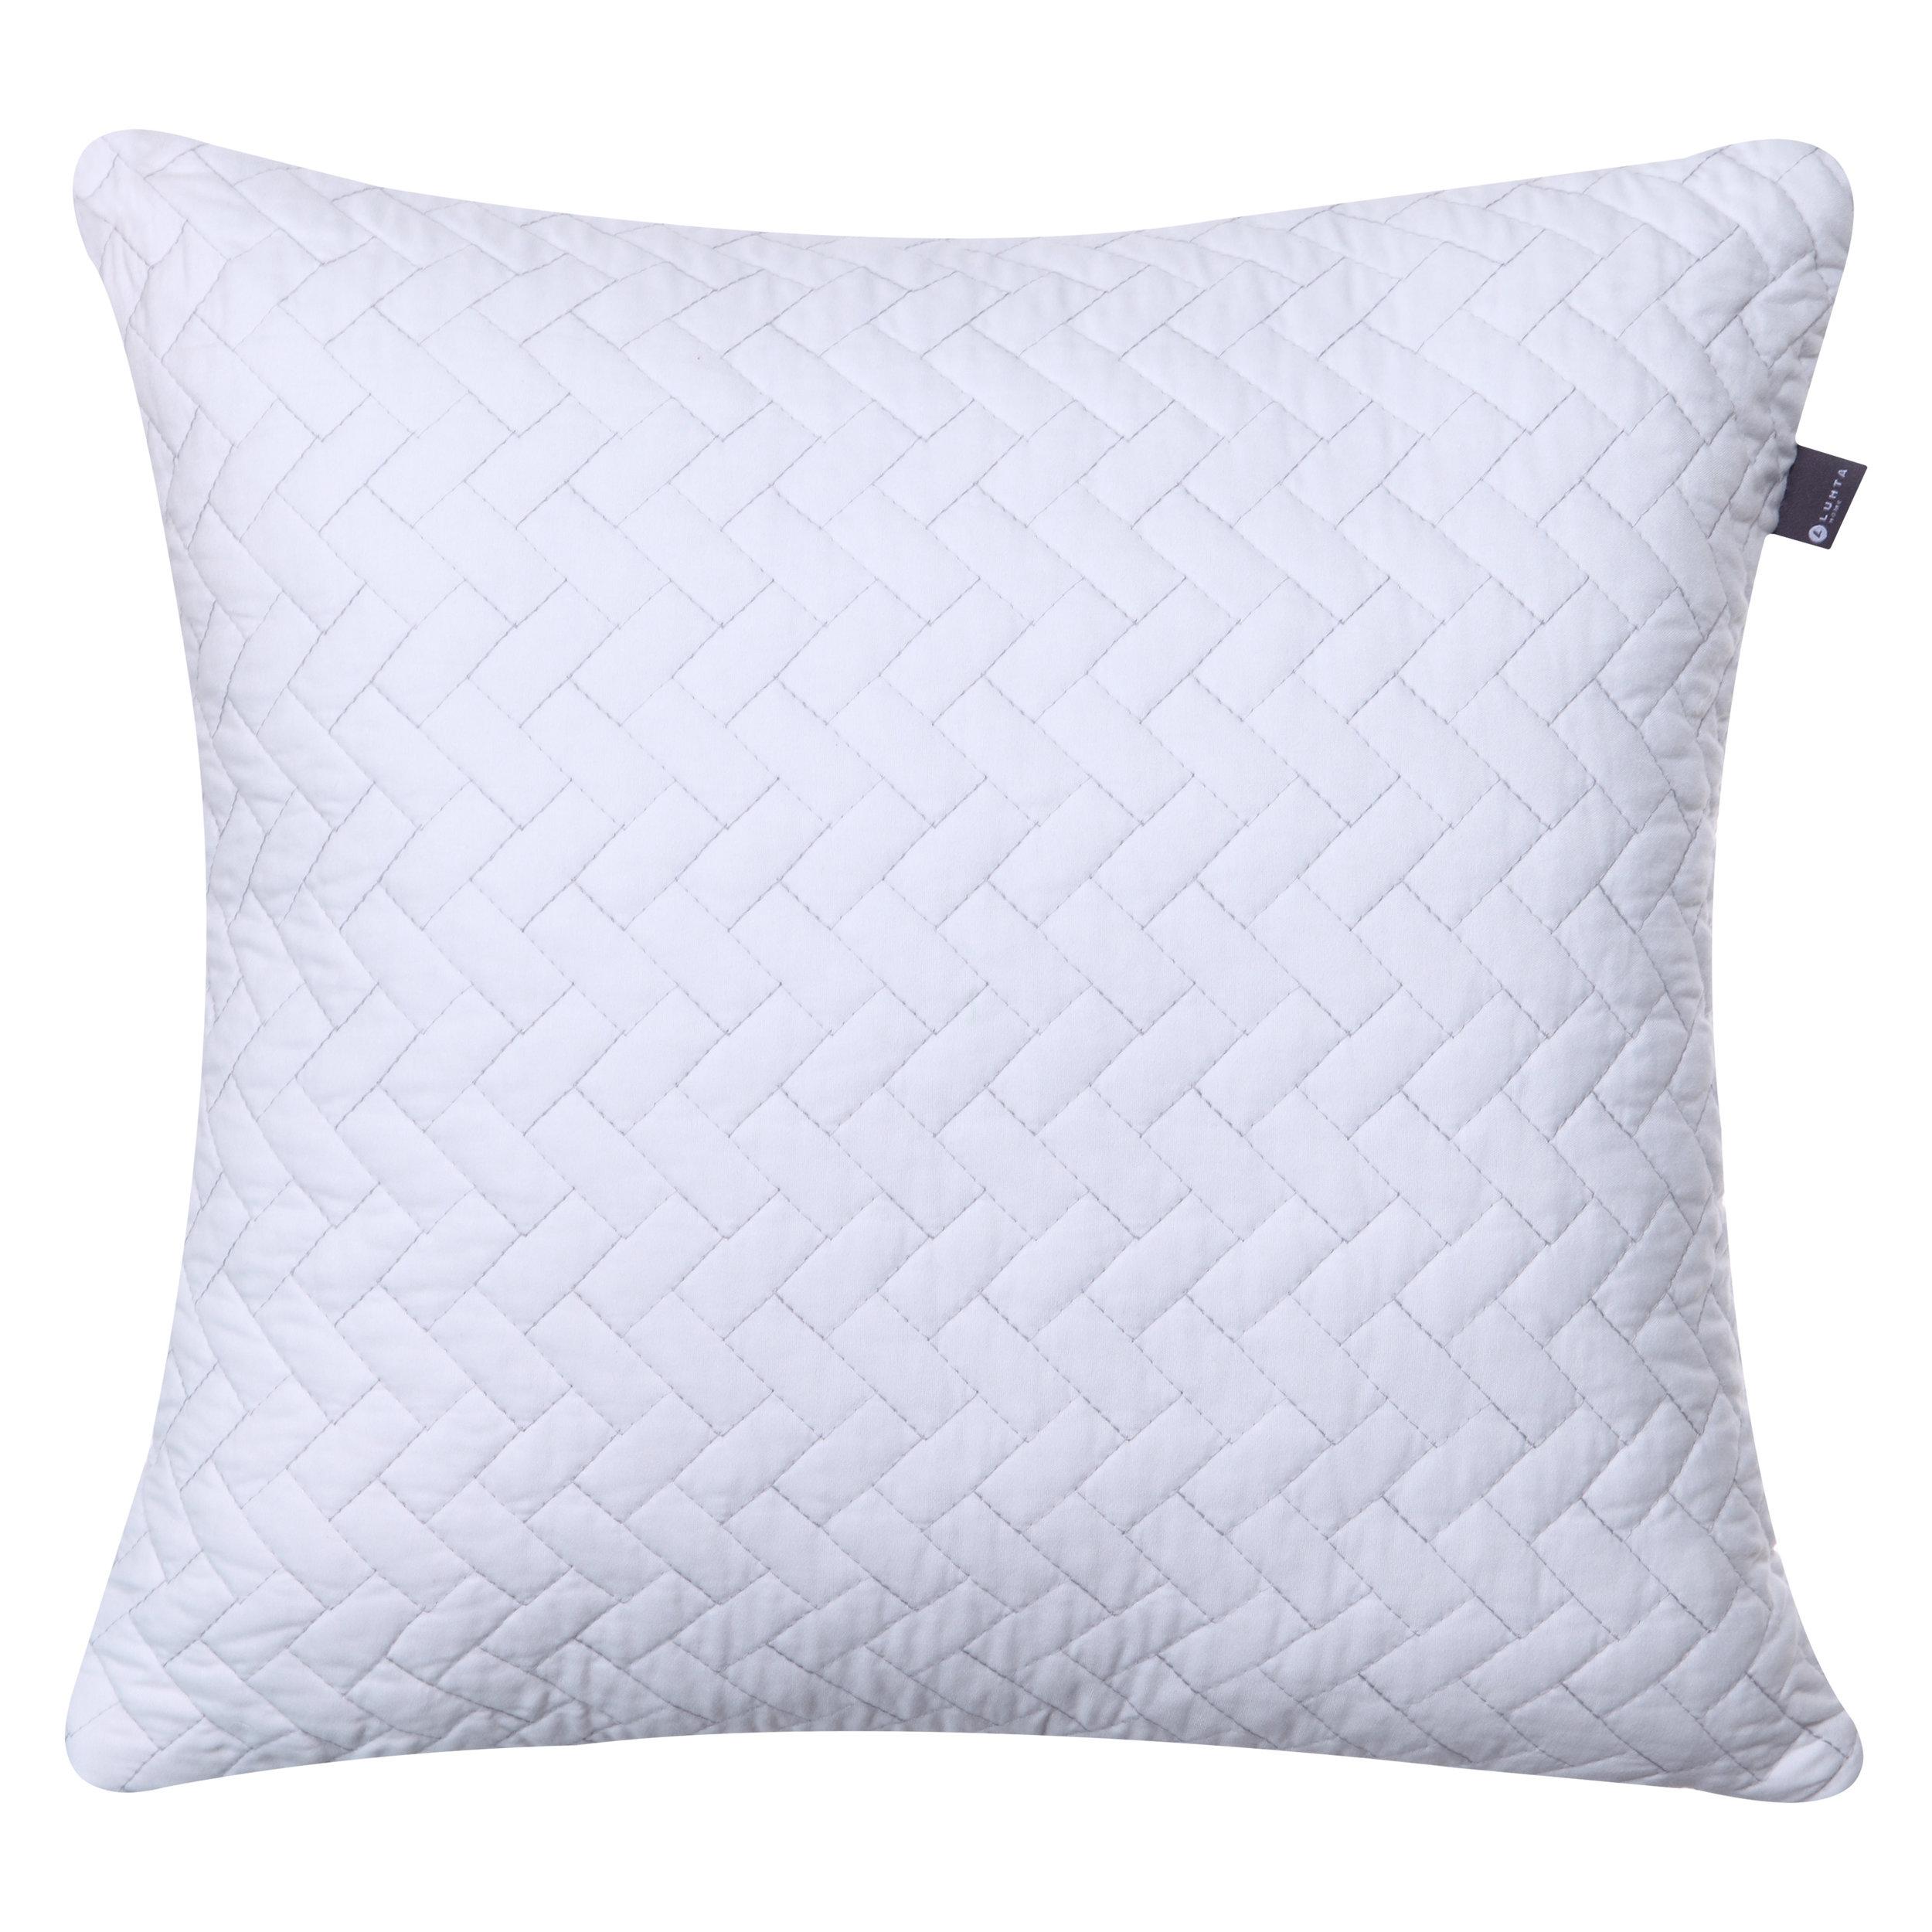 PUNOS - tyyny   100 % Polyester, 45 x 45 cm   29,95 €